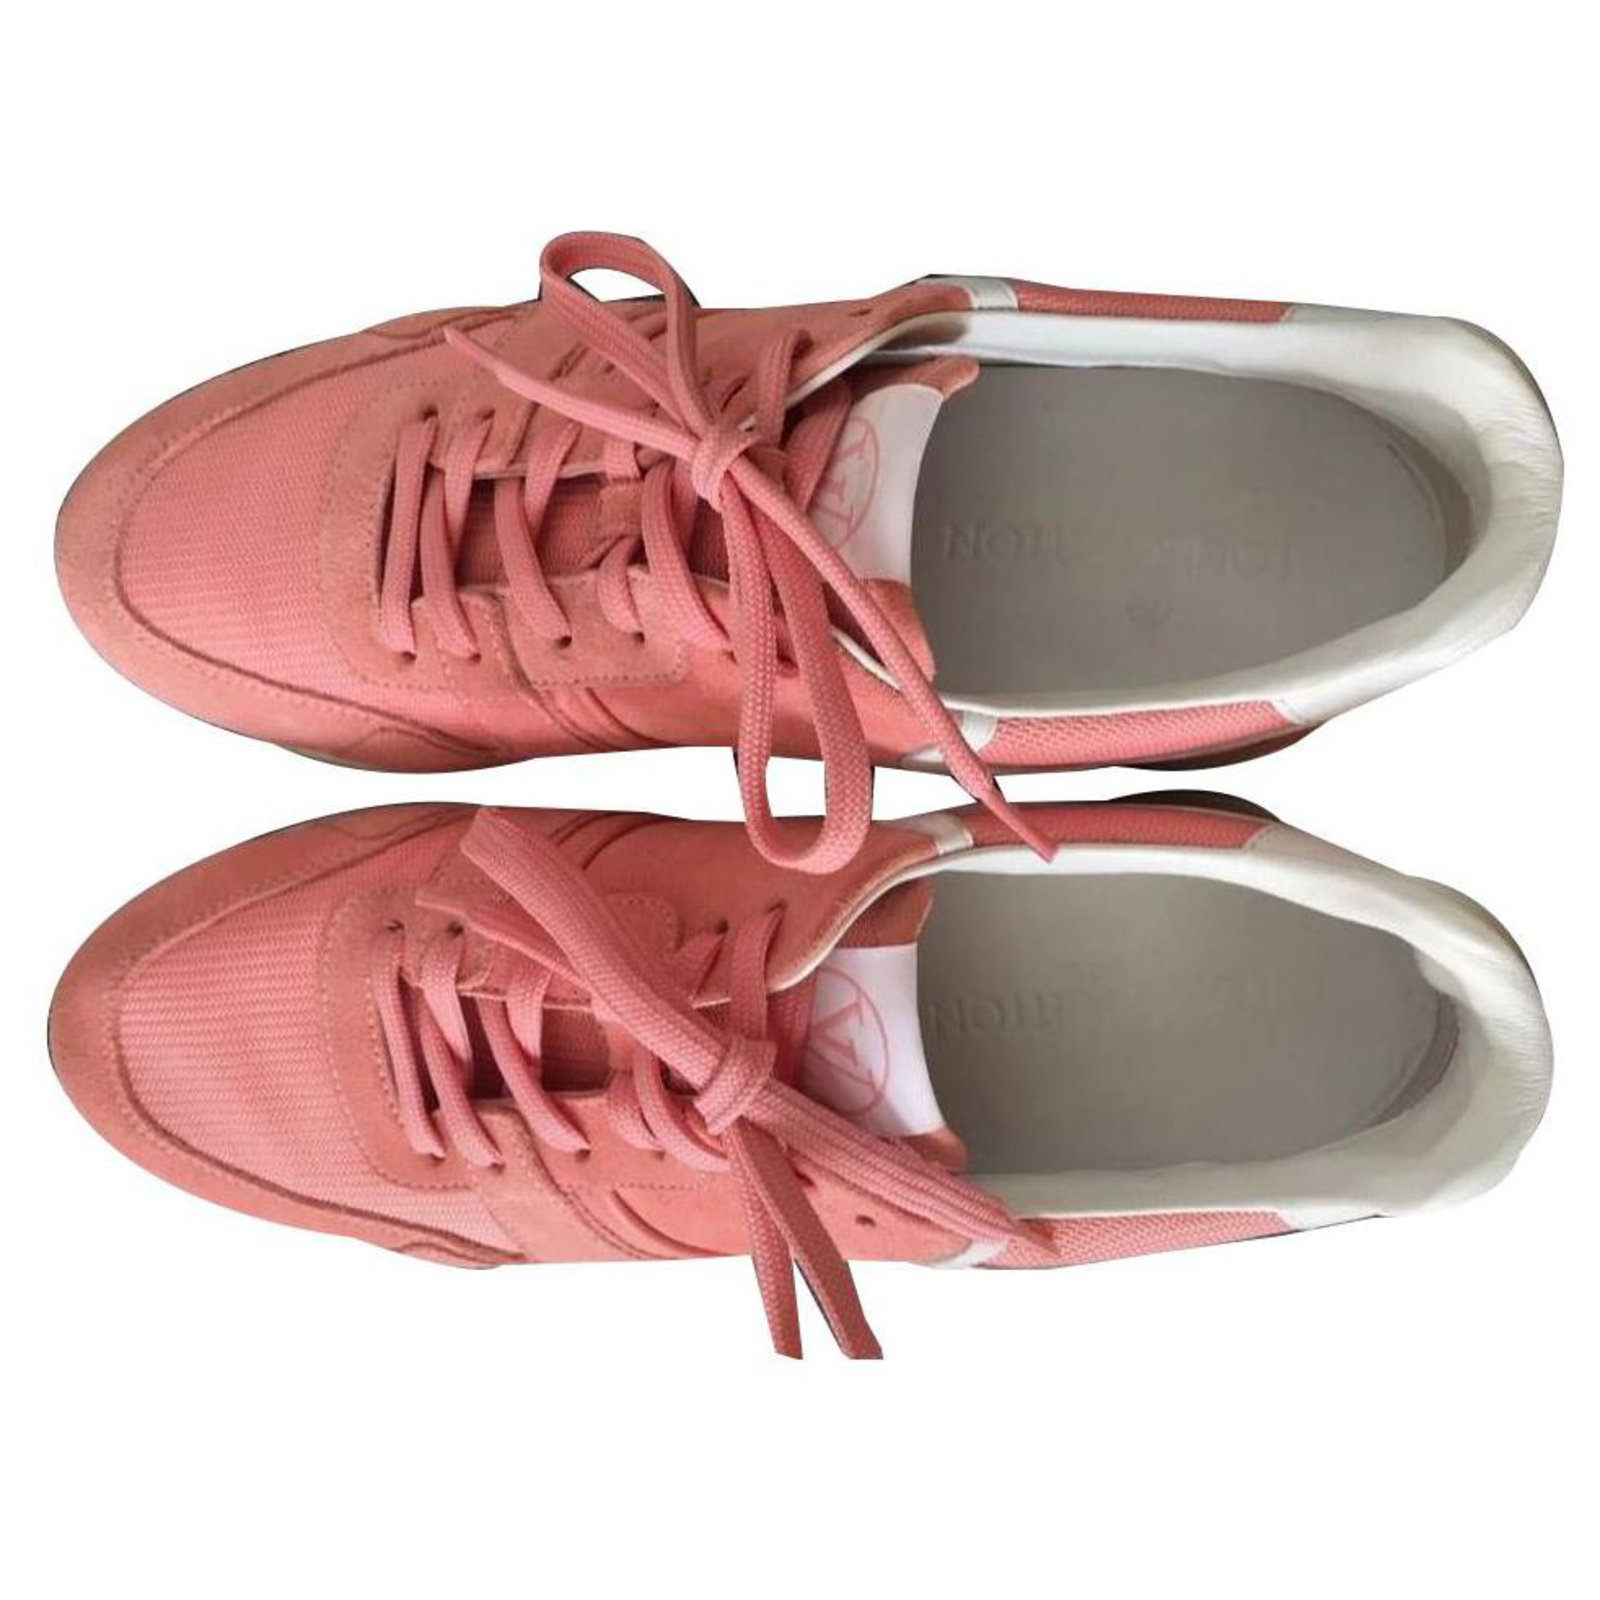 louis vuitton run away sneaker pink